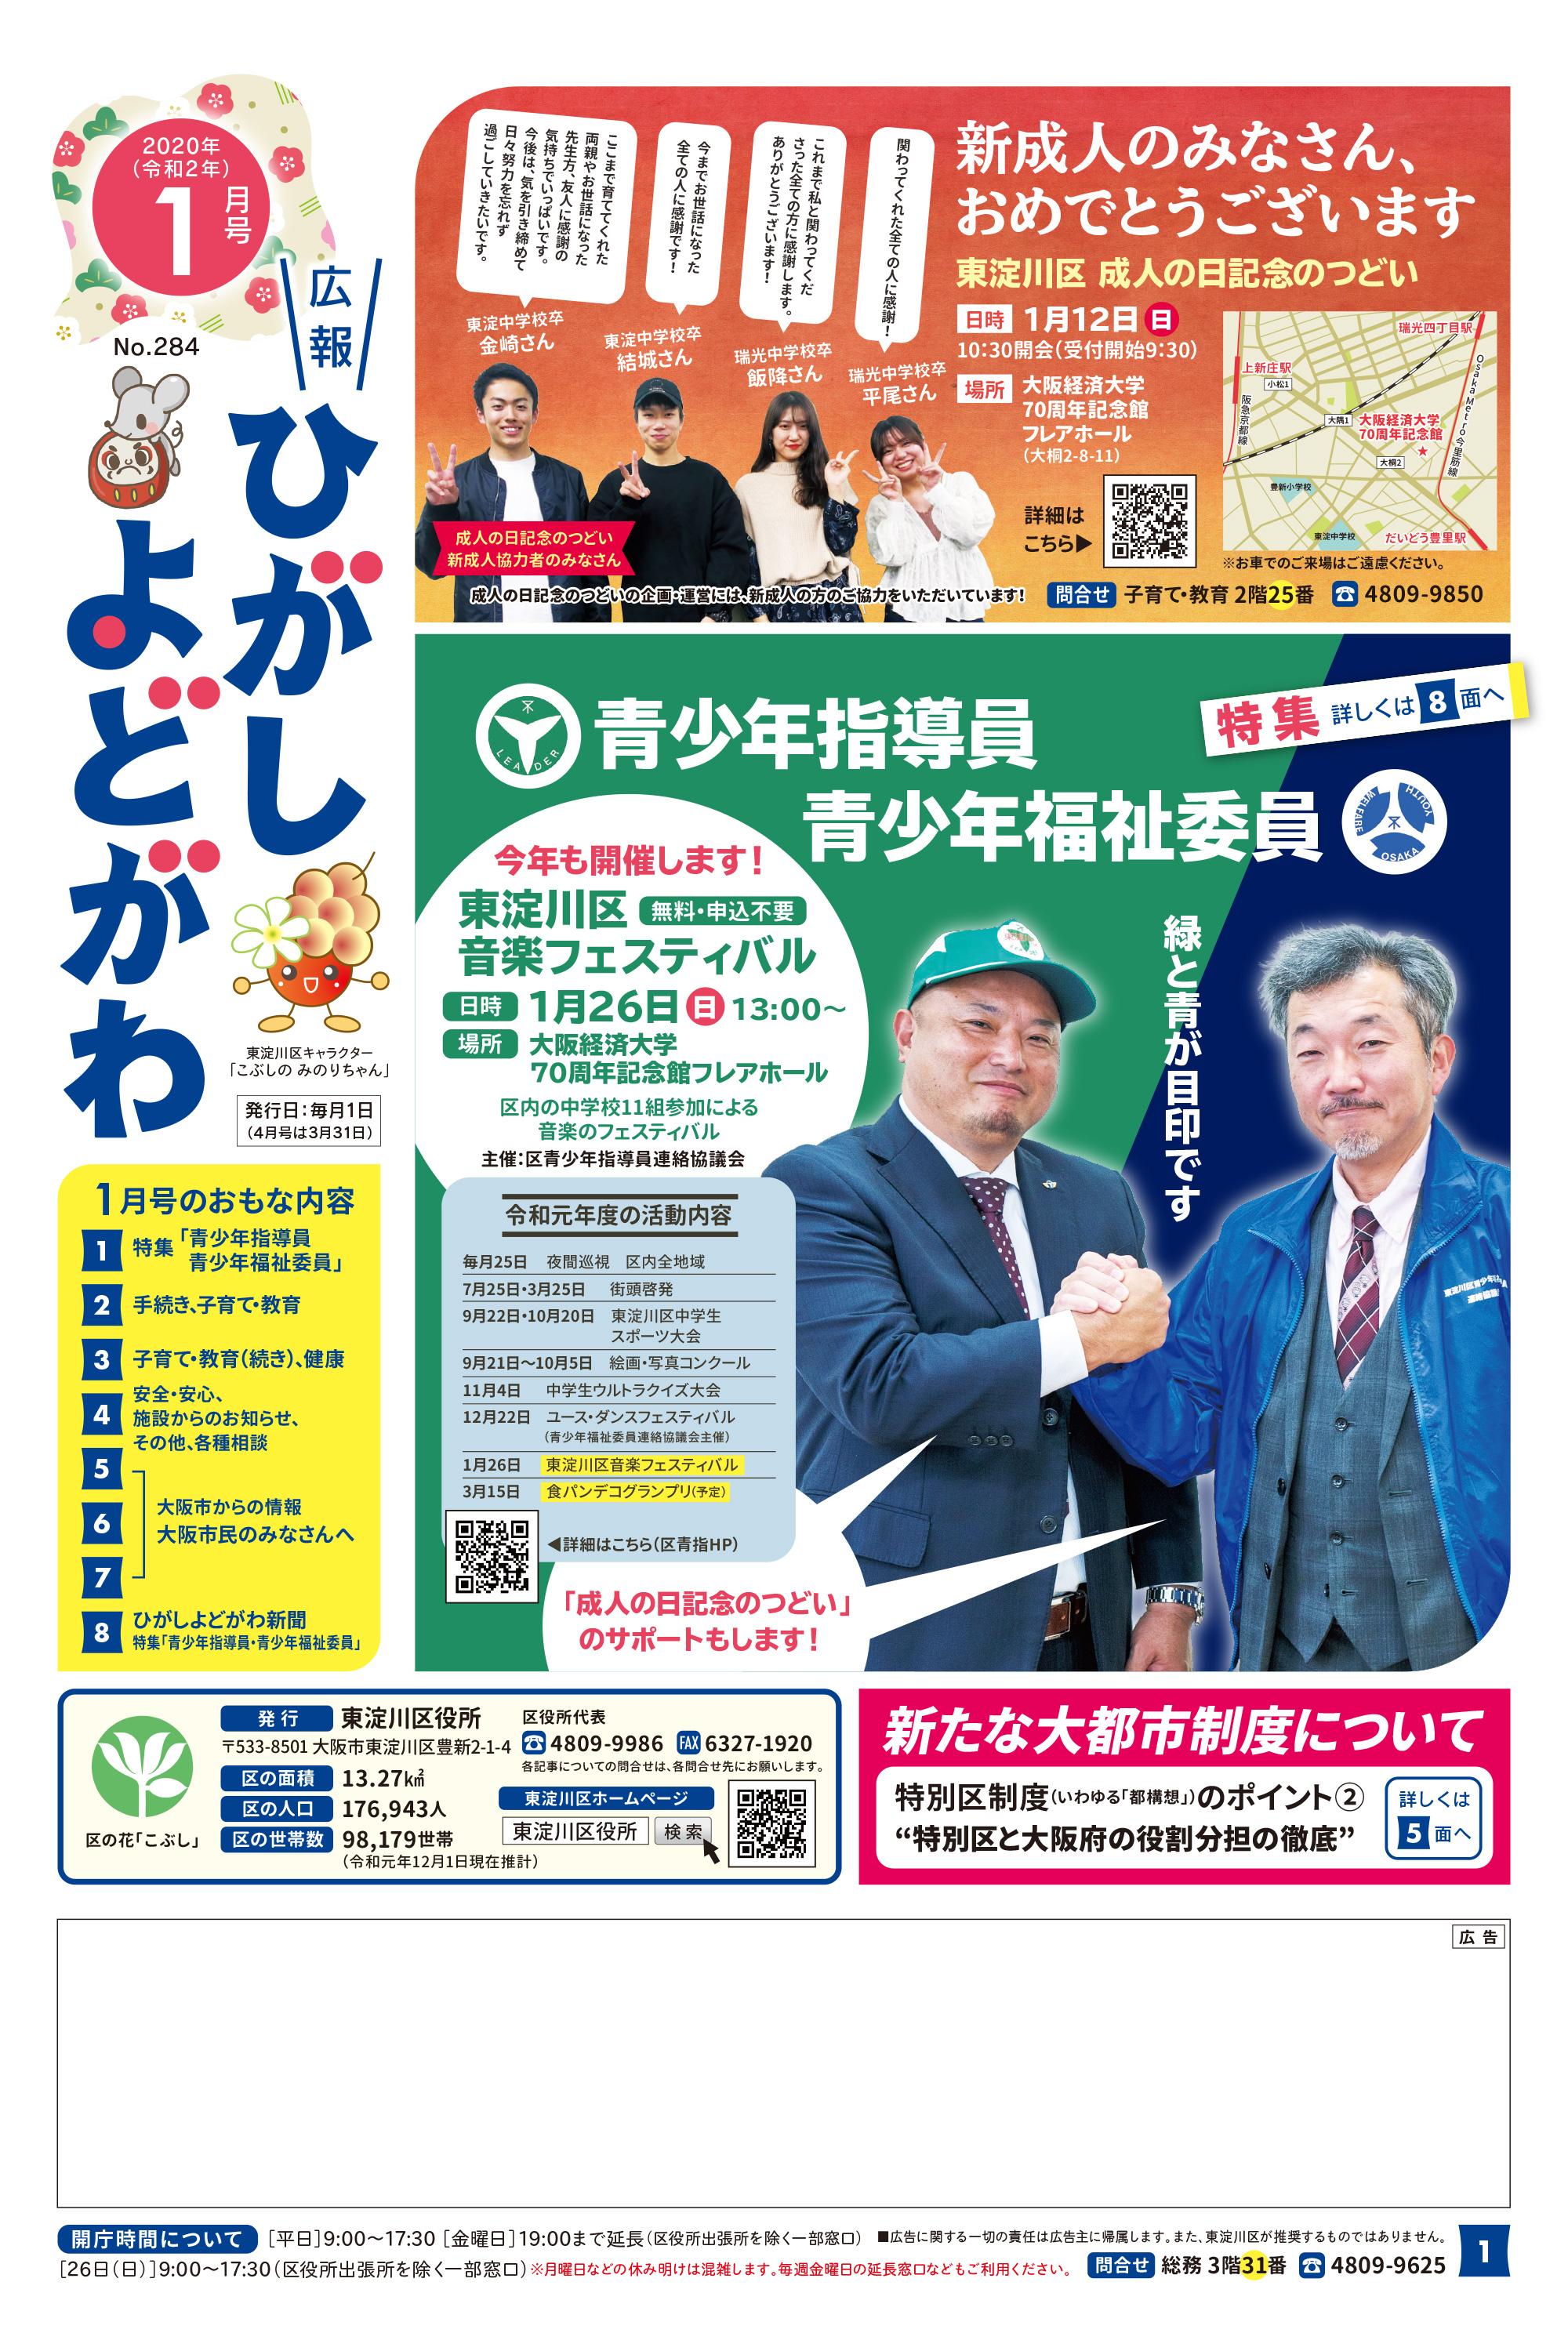 広報ひがしよどがわ2020年1月号|青少年指導員・青少年福祉委員(大阪市東淀川区)